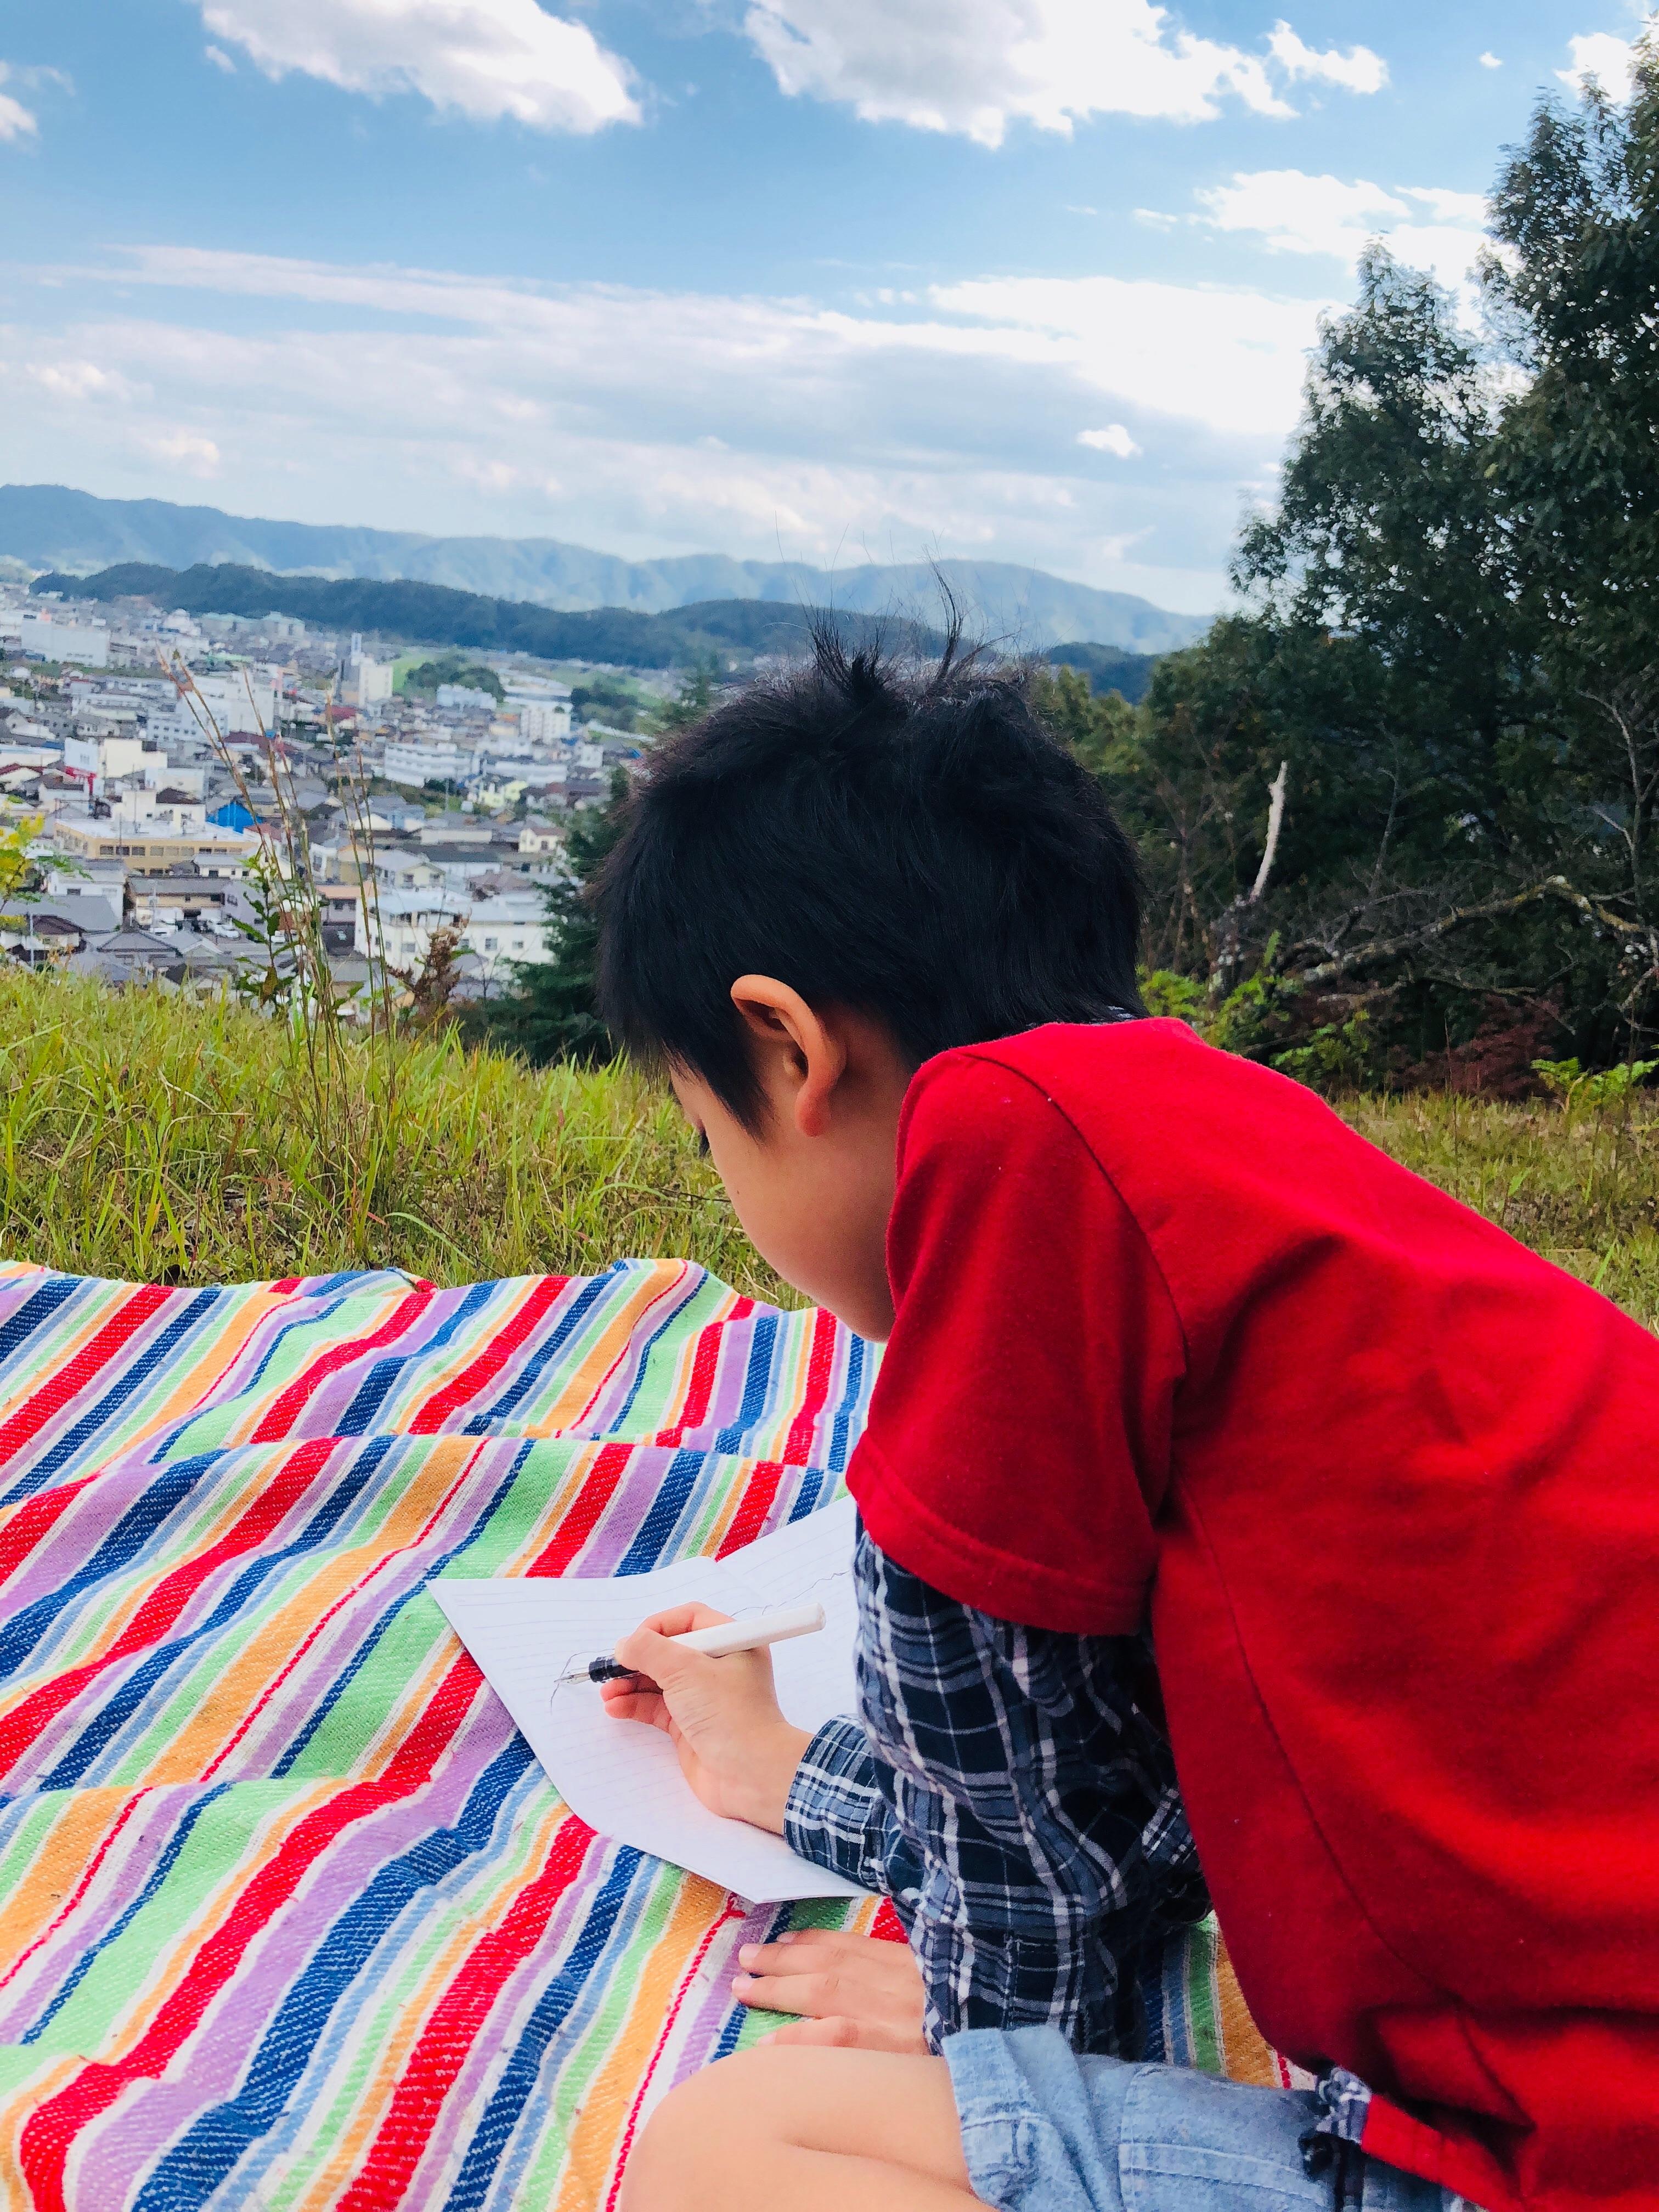 f:id:fujikana:20181030173521j:image